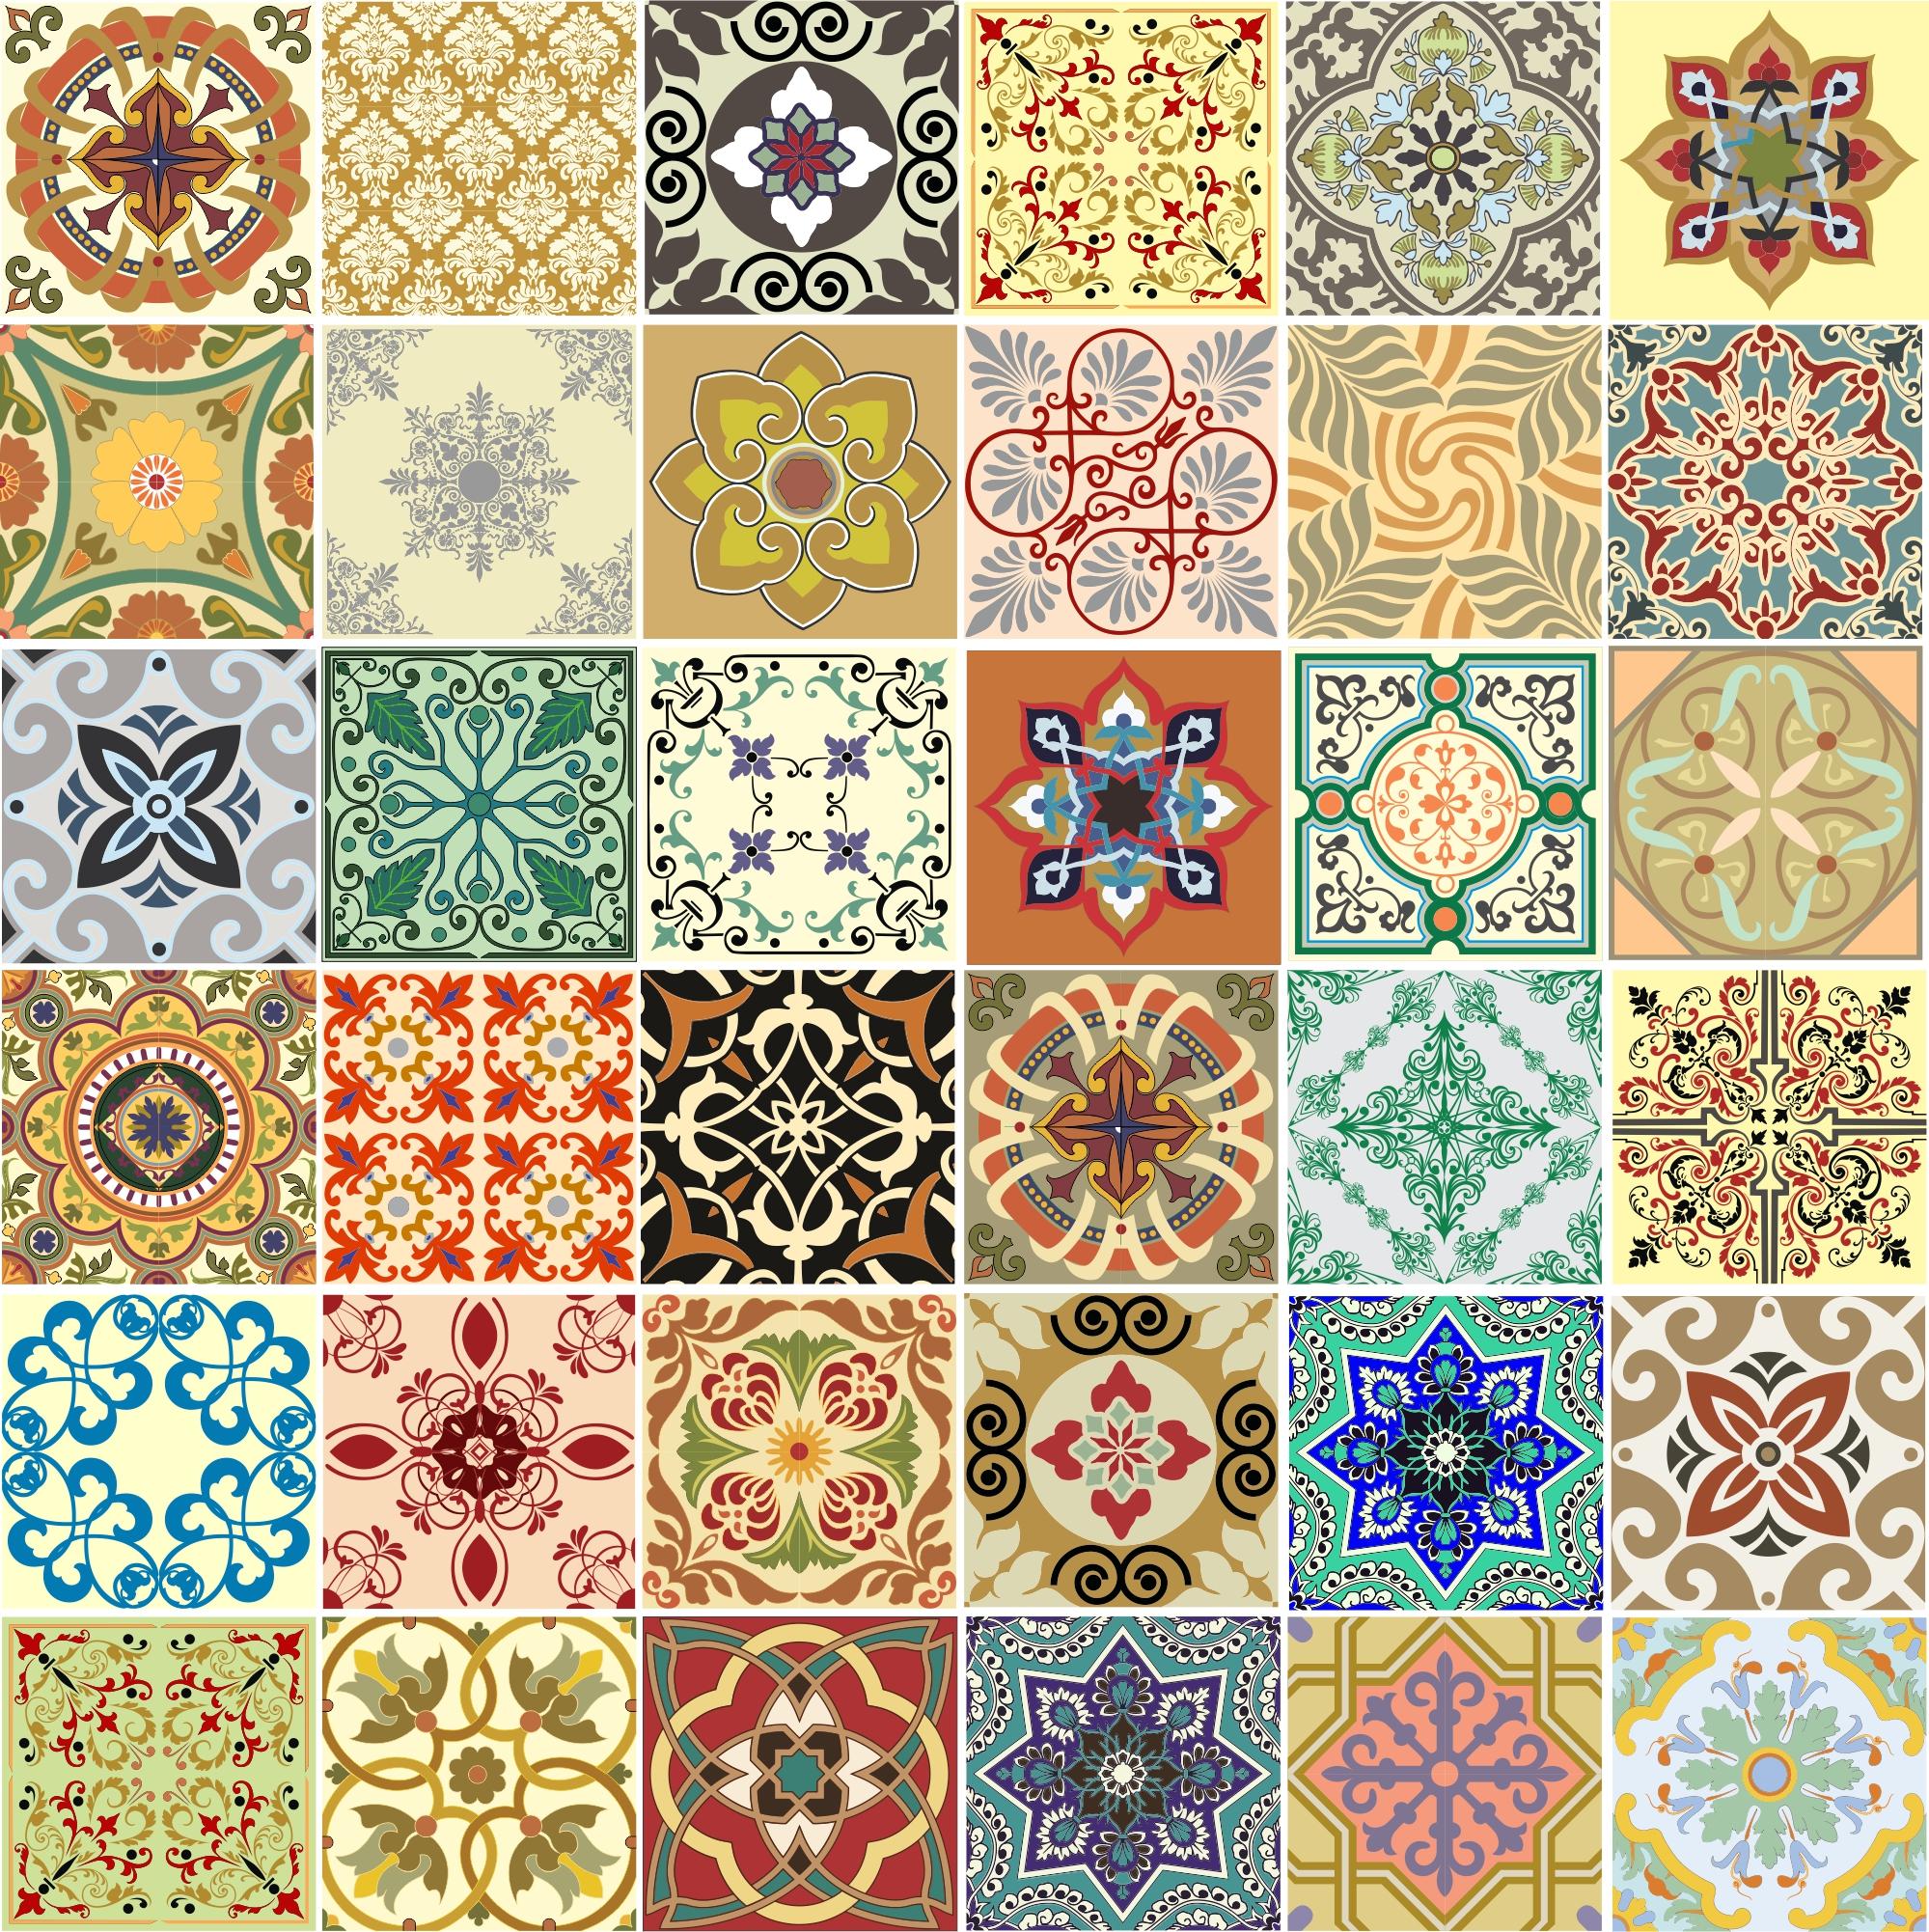 azulejos ladrilho portugues 3 unidades adesivo azulejos #A83223 1999x2002 Banheiro Azulejo Portugues